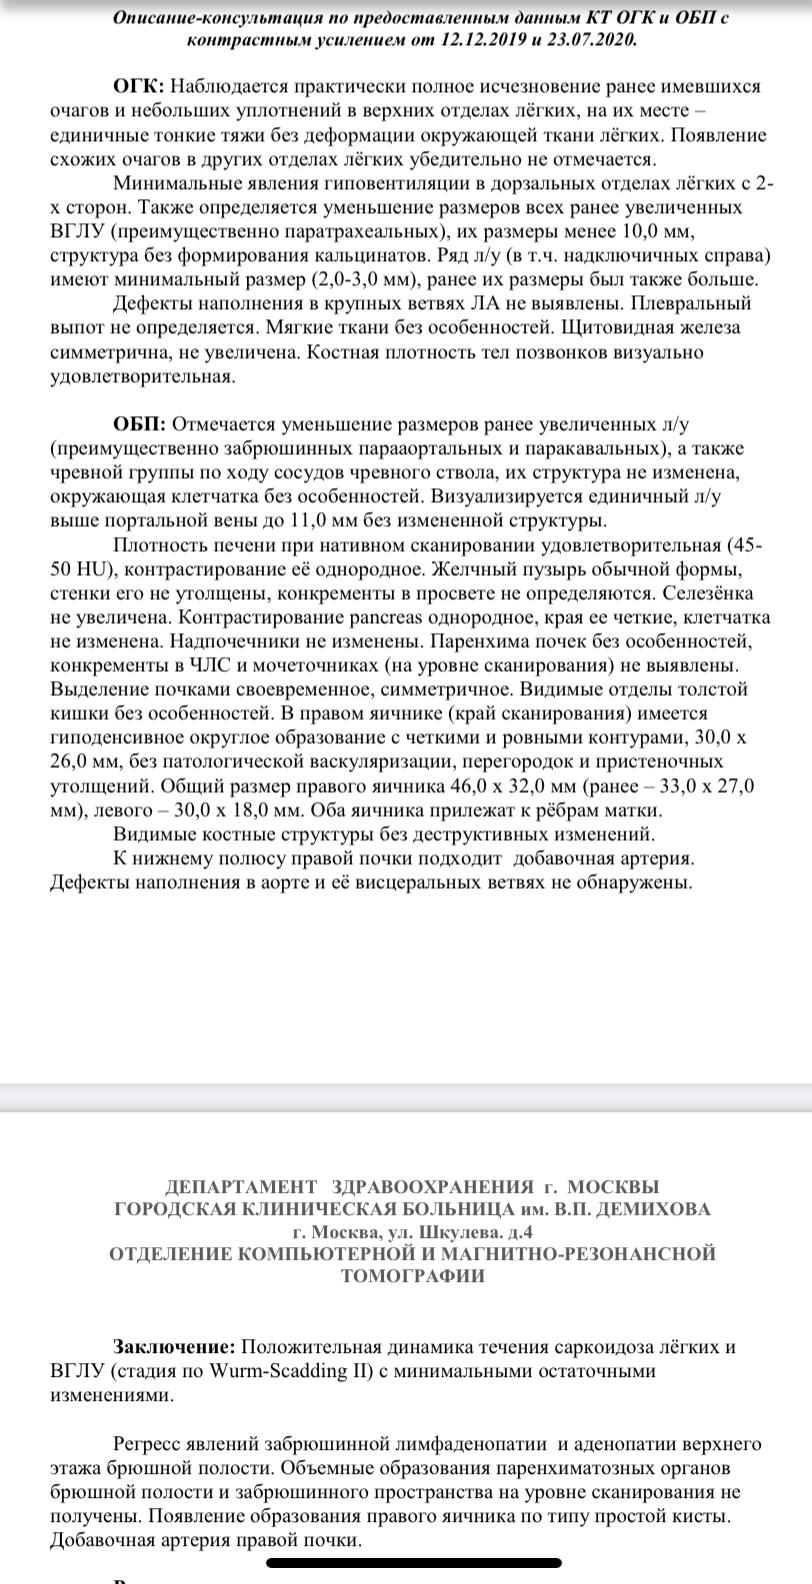 Странный саркоидоз - Страница 5 Affb9d10